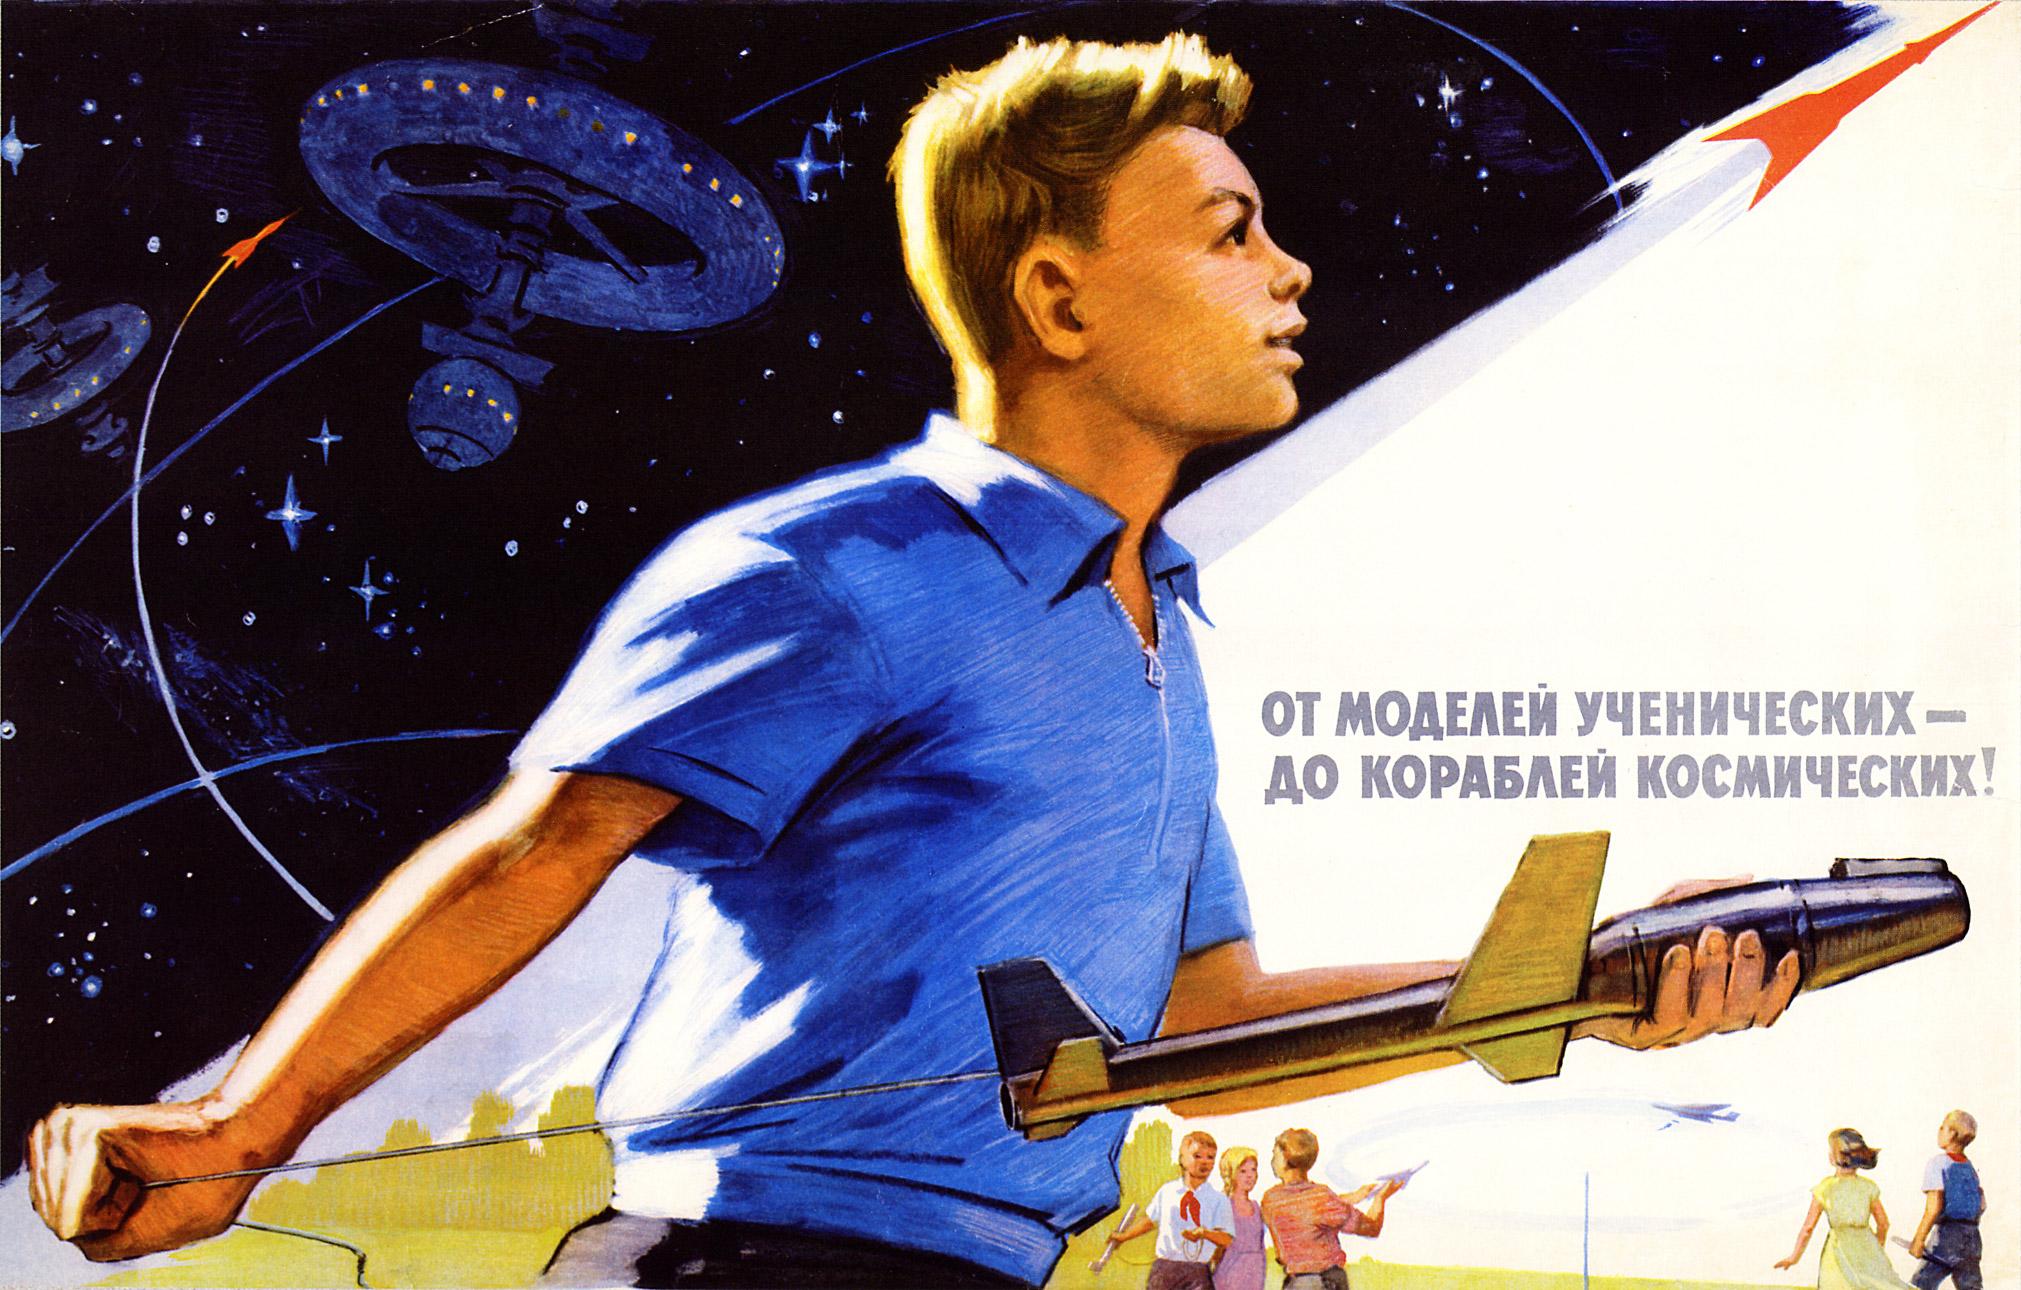 """Póster soviético de la carrera espacial: """"De los modelos estudiantiles, a los cohetes espaciales""""."""